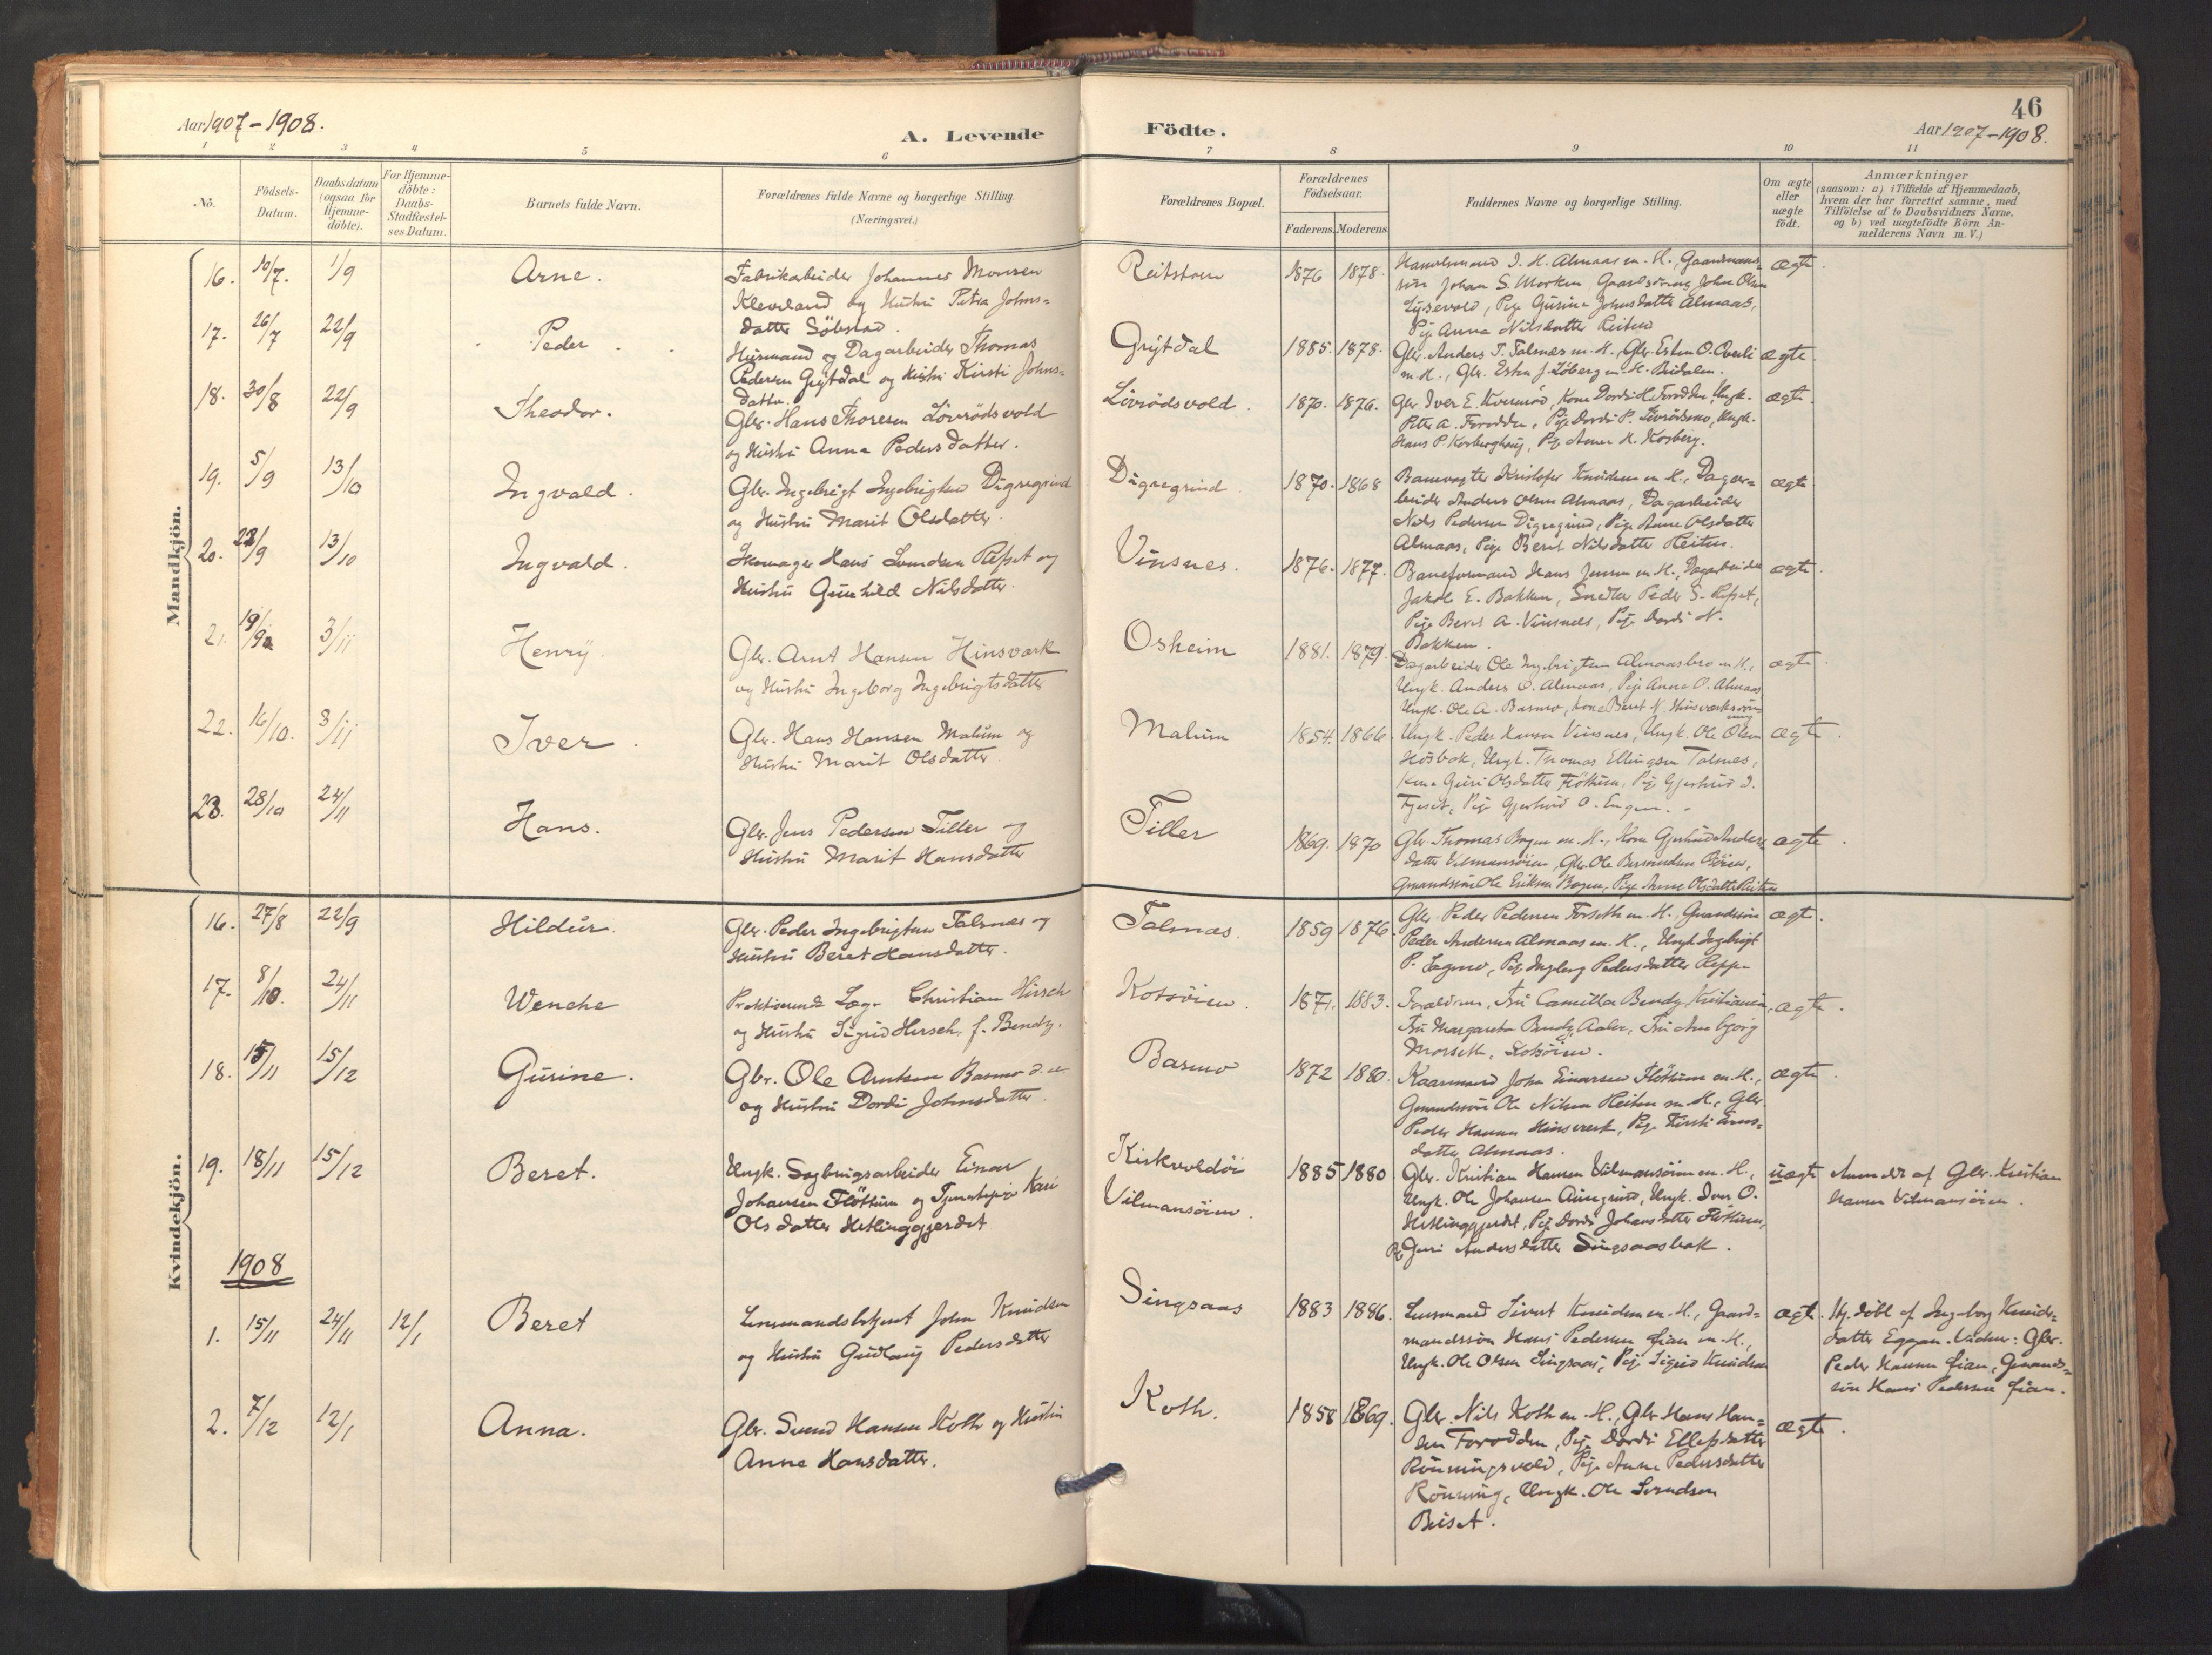 SAT, Ministerialprotokoller, klokkerbøker og fødselsregistre - Sør-Trøndelag, 688/L1025: Ministerialbok nr. 688A02, 1891-1909, s. 46